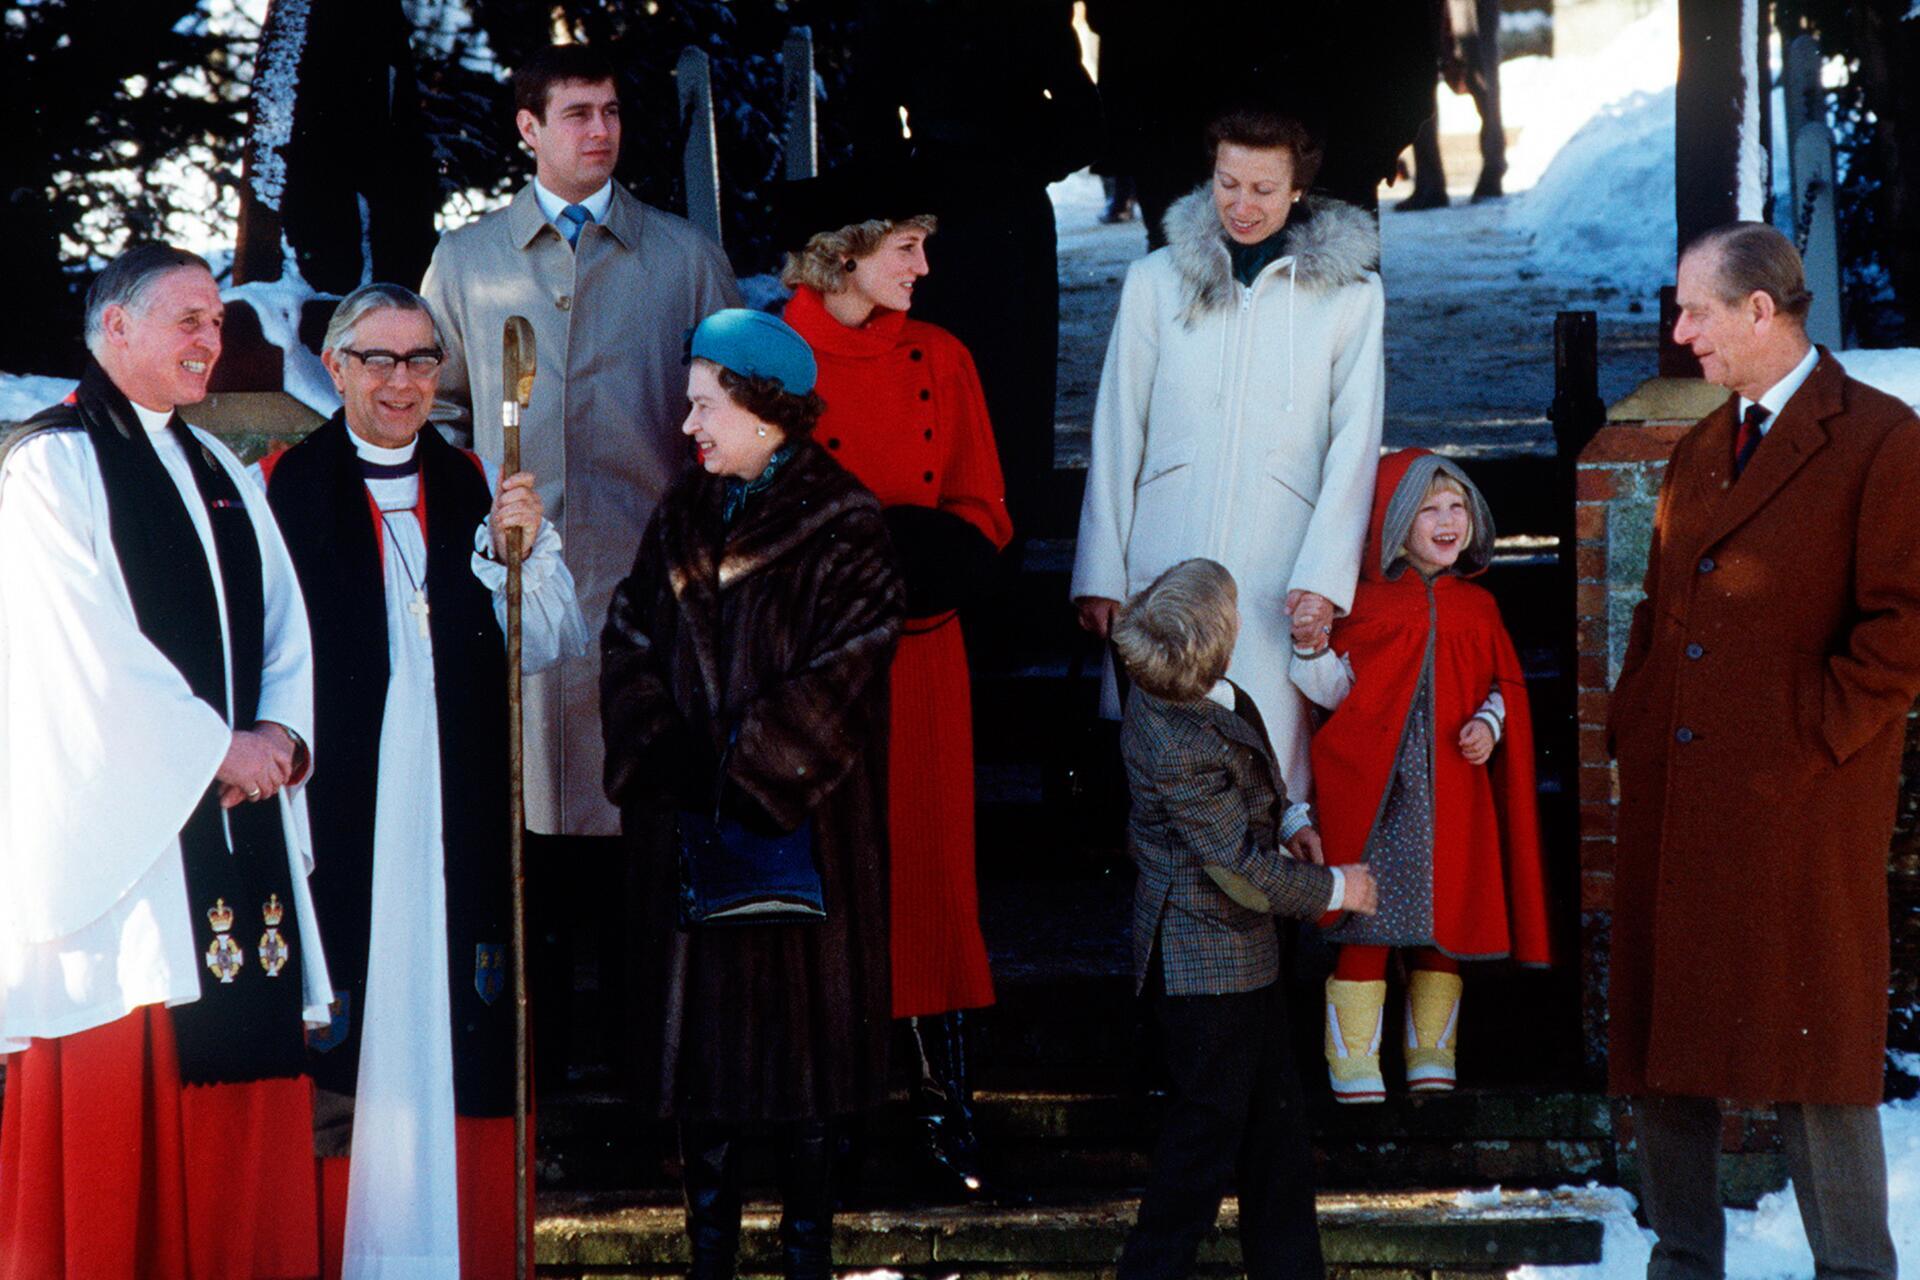 Bild zu Sandringham Kirche, Diana, Queen, Royals, Weihnachten